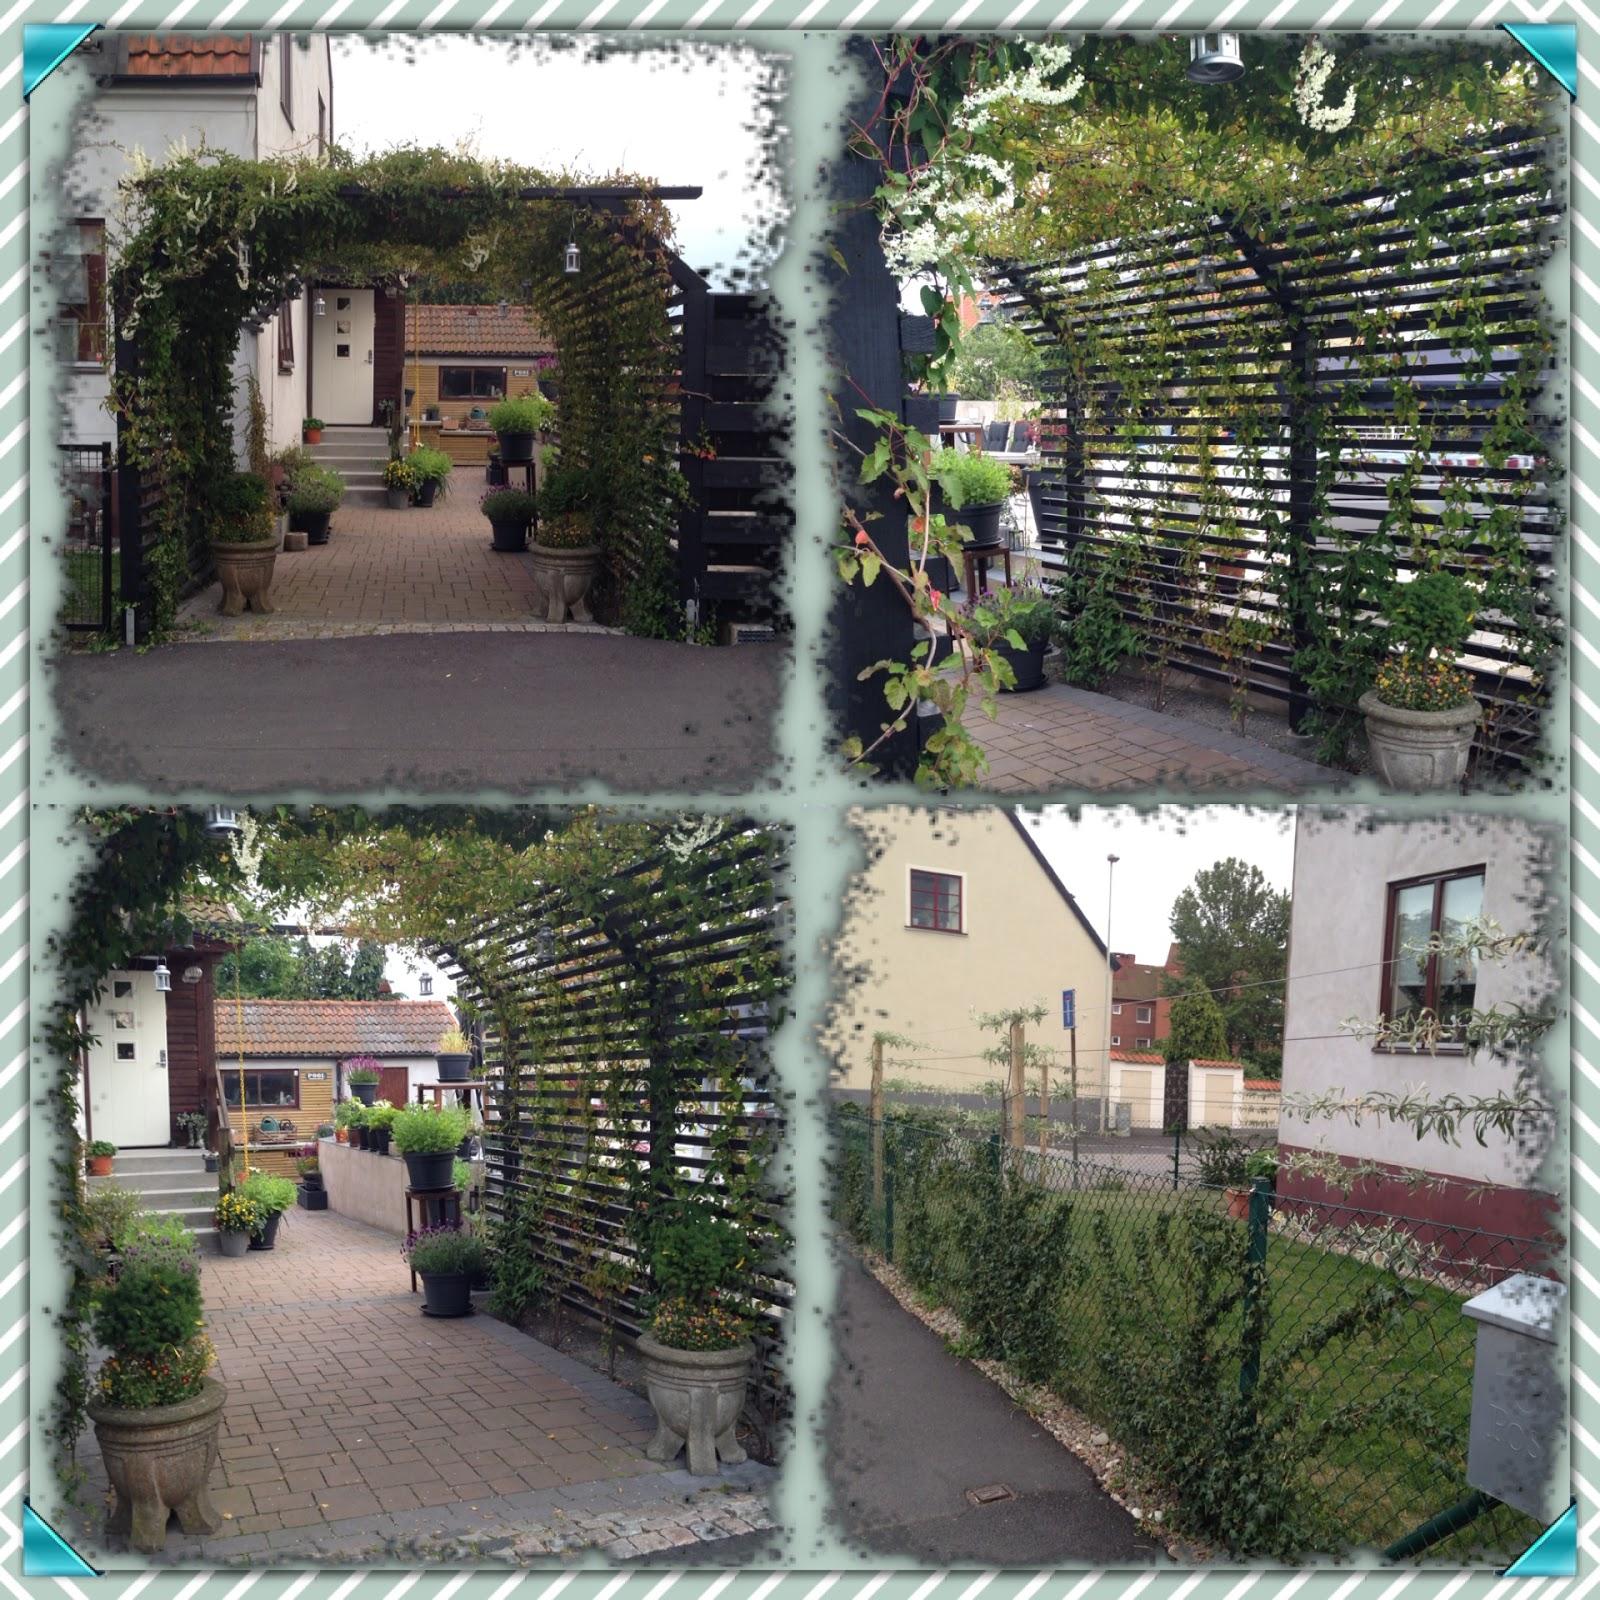 Lottas vrå tipsar och funderar: Lite överblick i trädgården - det ...